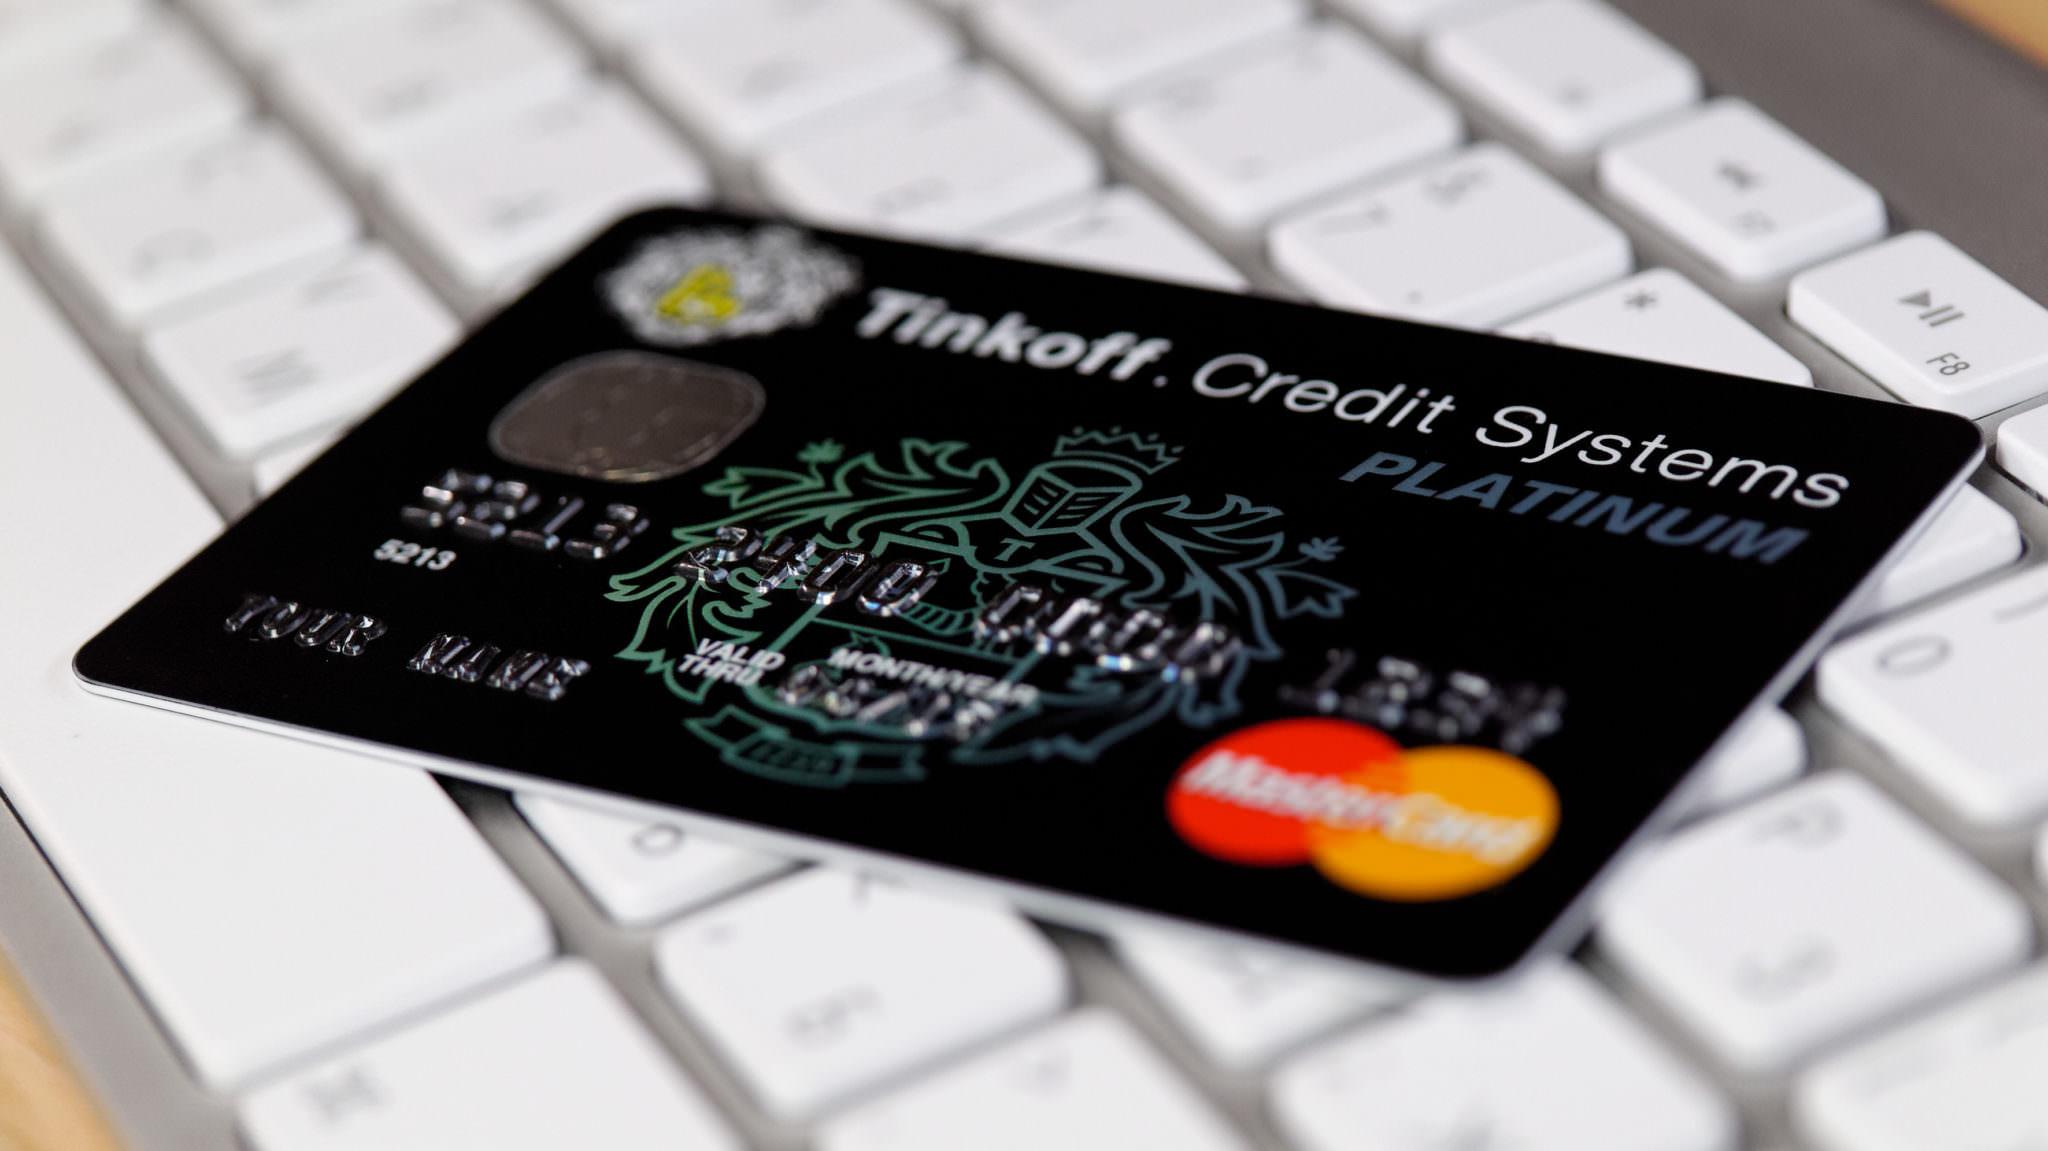 кредит тинькофф банк отзывы 2020 ипотечный кредит кемерово